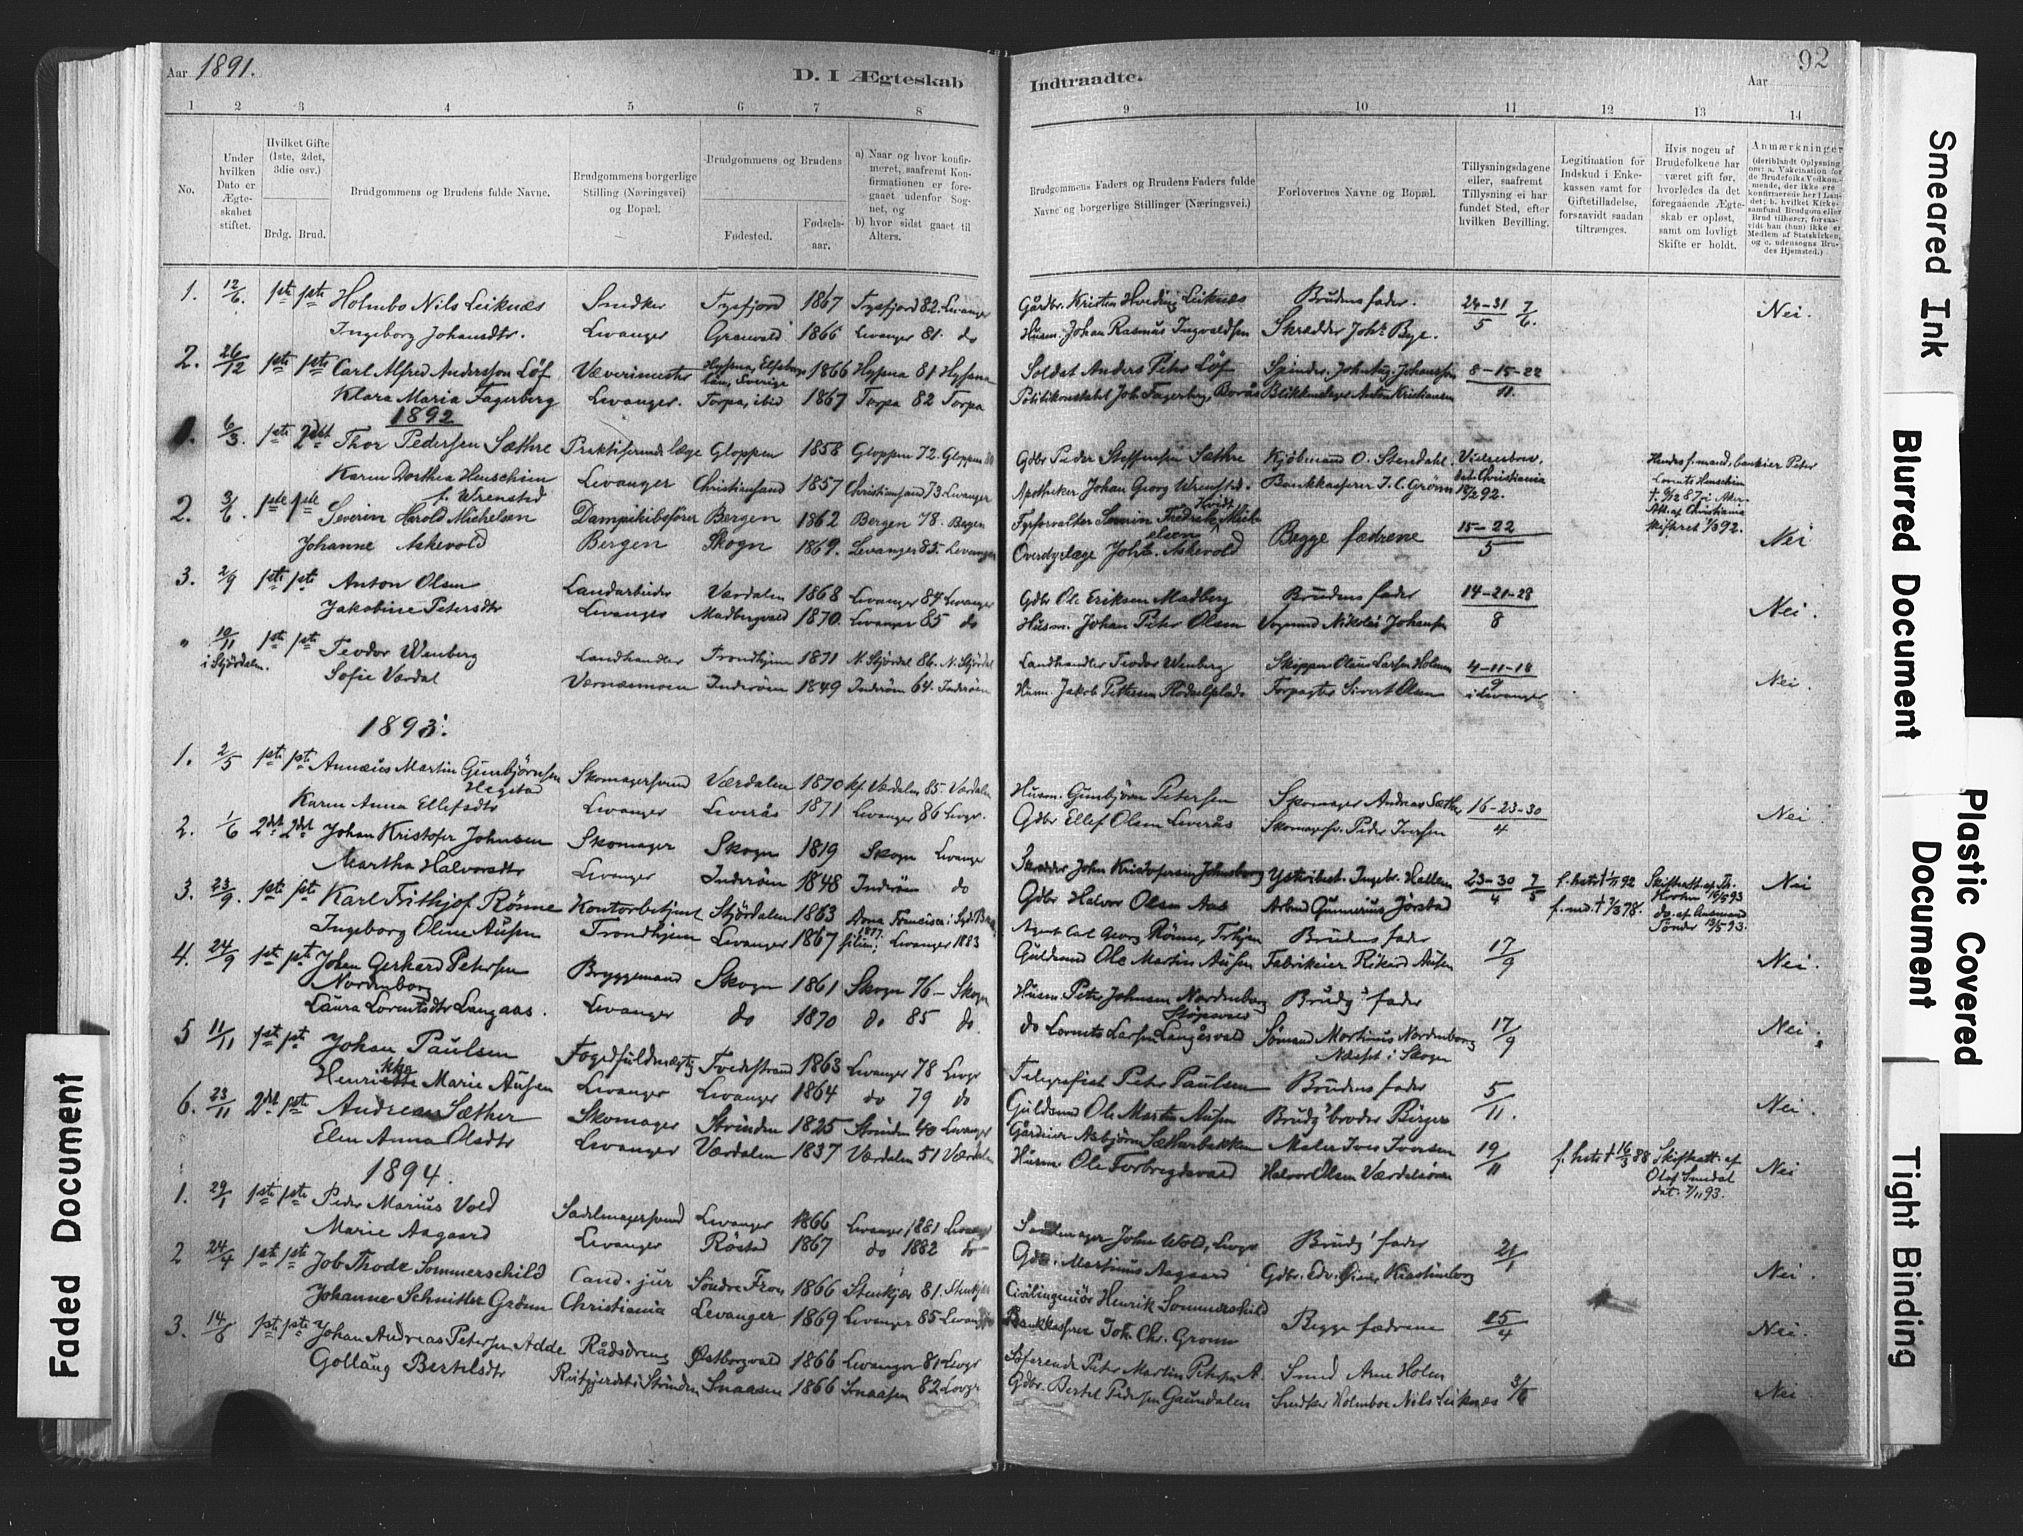 SAT, Ministerialprotokoller, klokkerbøker og fødselsregistre - Nord-Trøndelag, 720/L0189: Ministerialbok nr. 720A05, 1880-1911, s. 92